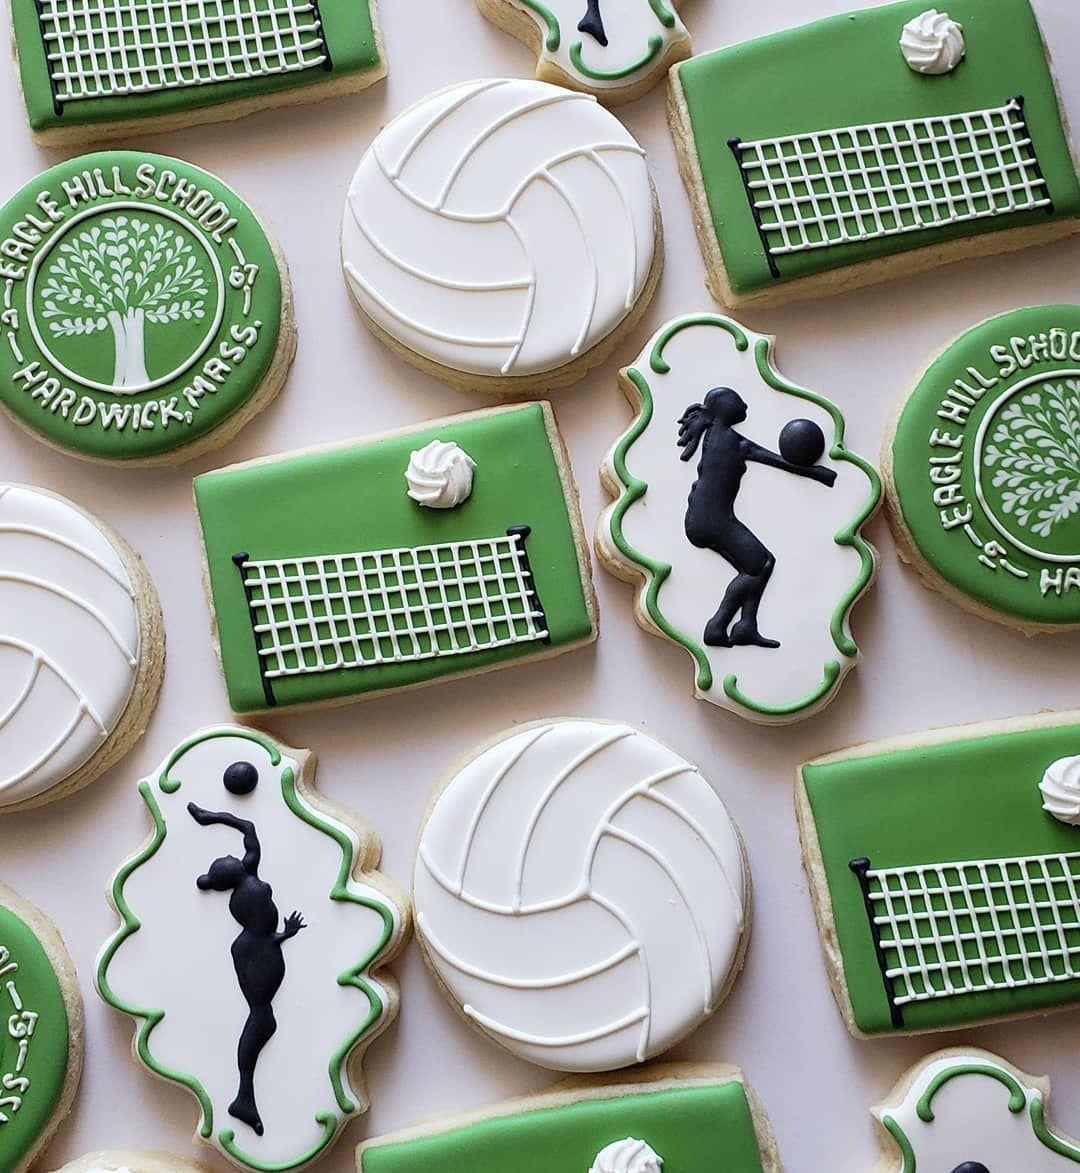 """@lisettecookiestudio shared a photo on Instagram: """"Sporty silhouettes. . . #cookies #cookiesofinstagram #instacookies #cookiegram #sugarcookies #decoratedsugarcookies #decoratedcookies…"""" • Oct 17, 2018 at 5:13pm UTC"""